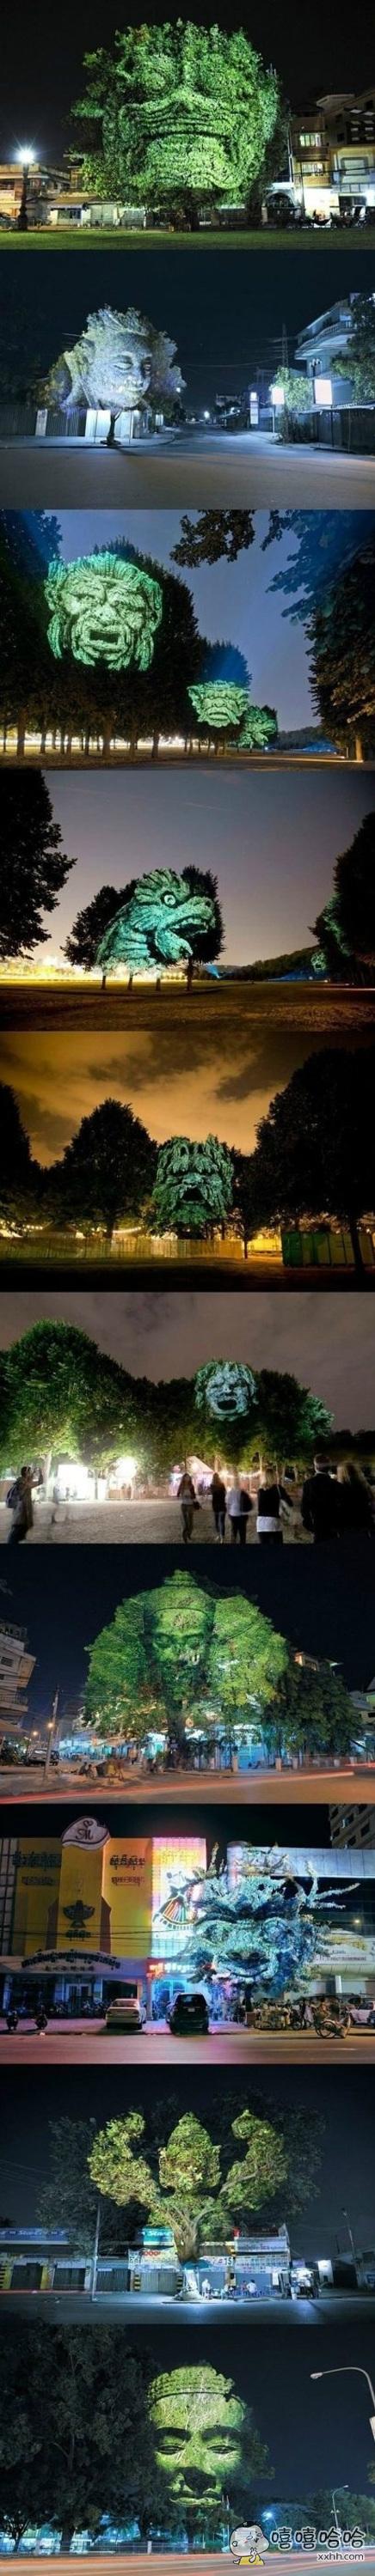 树木3D投影,你们感受下~~